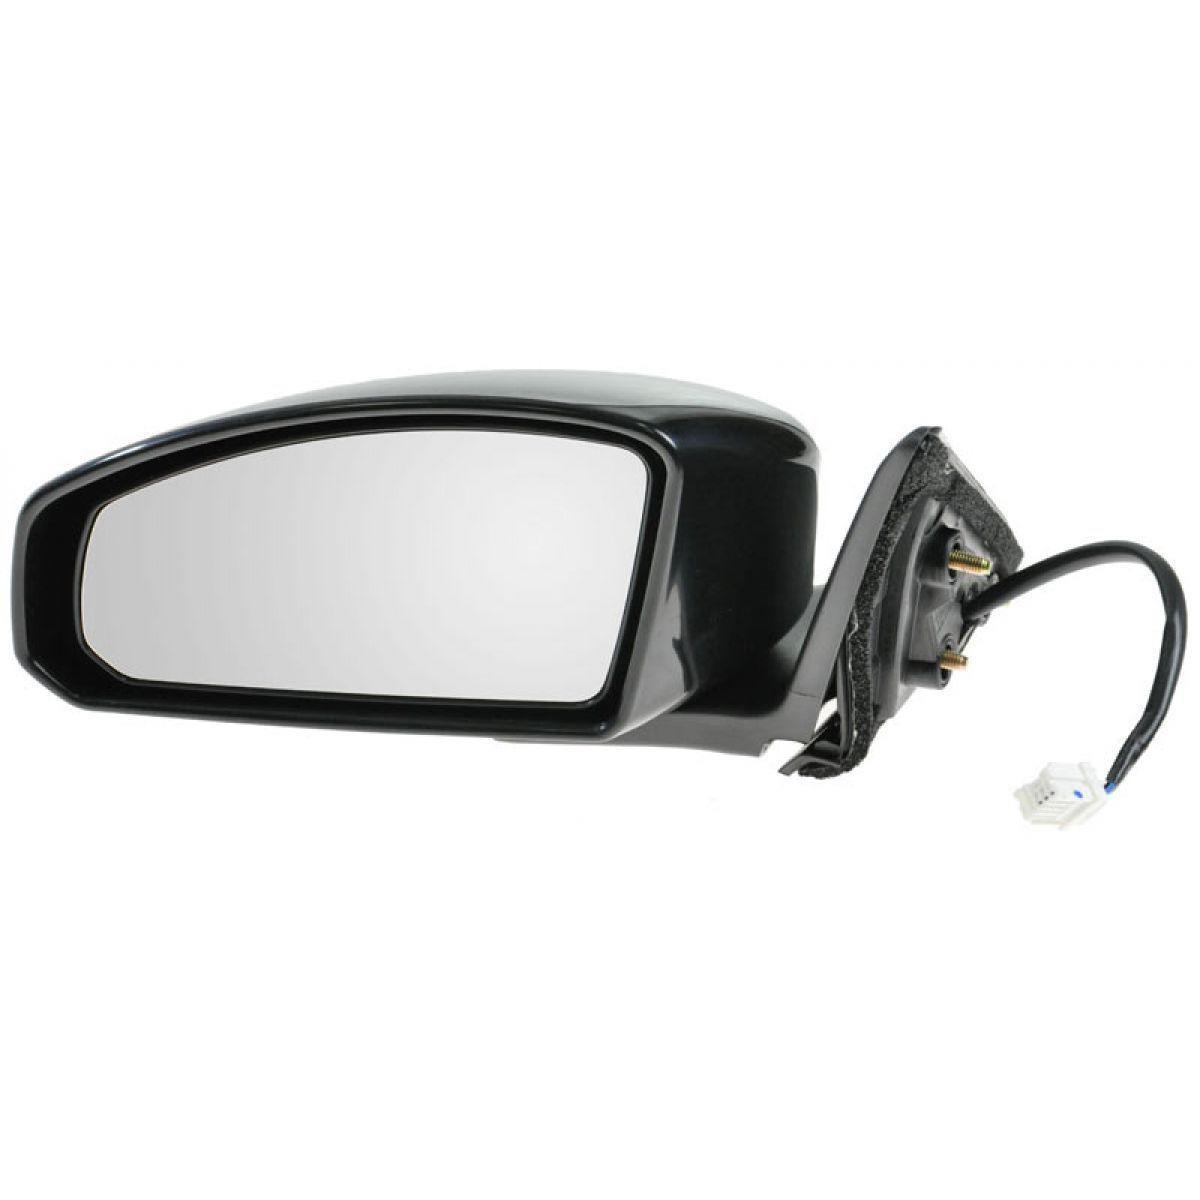 USミラー 新しいパワーサイドビューのドアミラードライバーは、03-07インフィニティG35クーペの左LH New Power Side View Door Mirror Driver Left LH for 03-07 Infiniti G35 Coupe